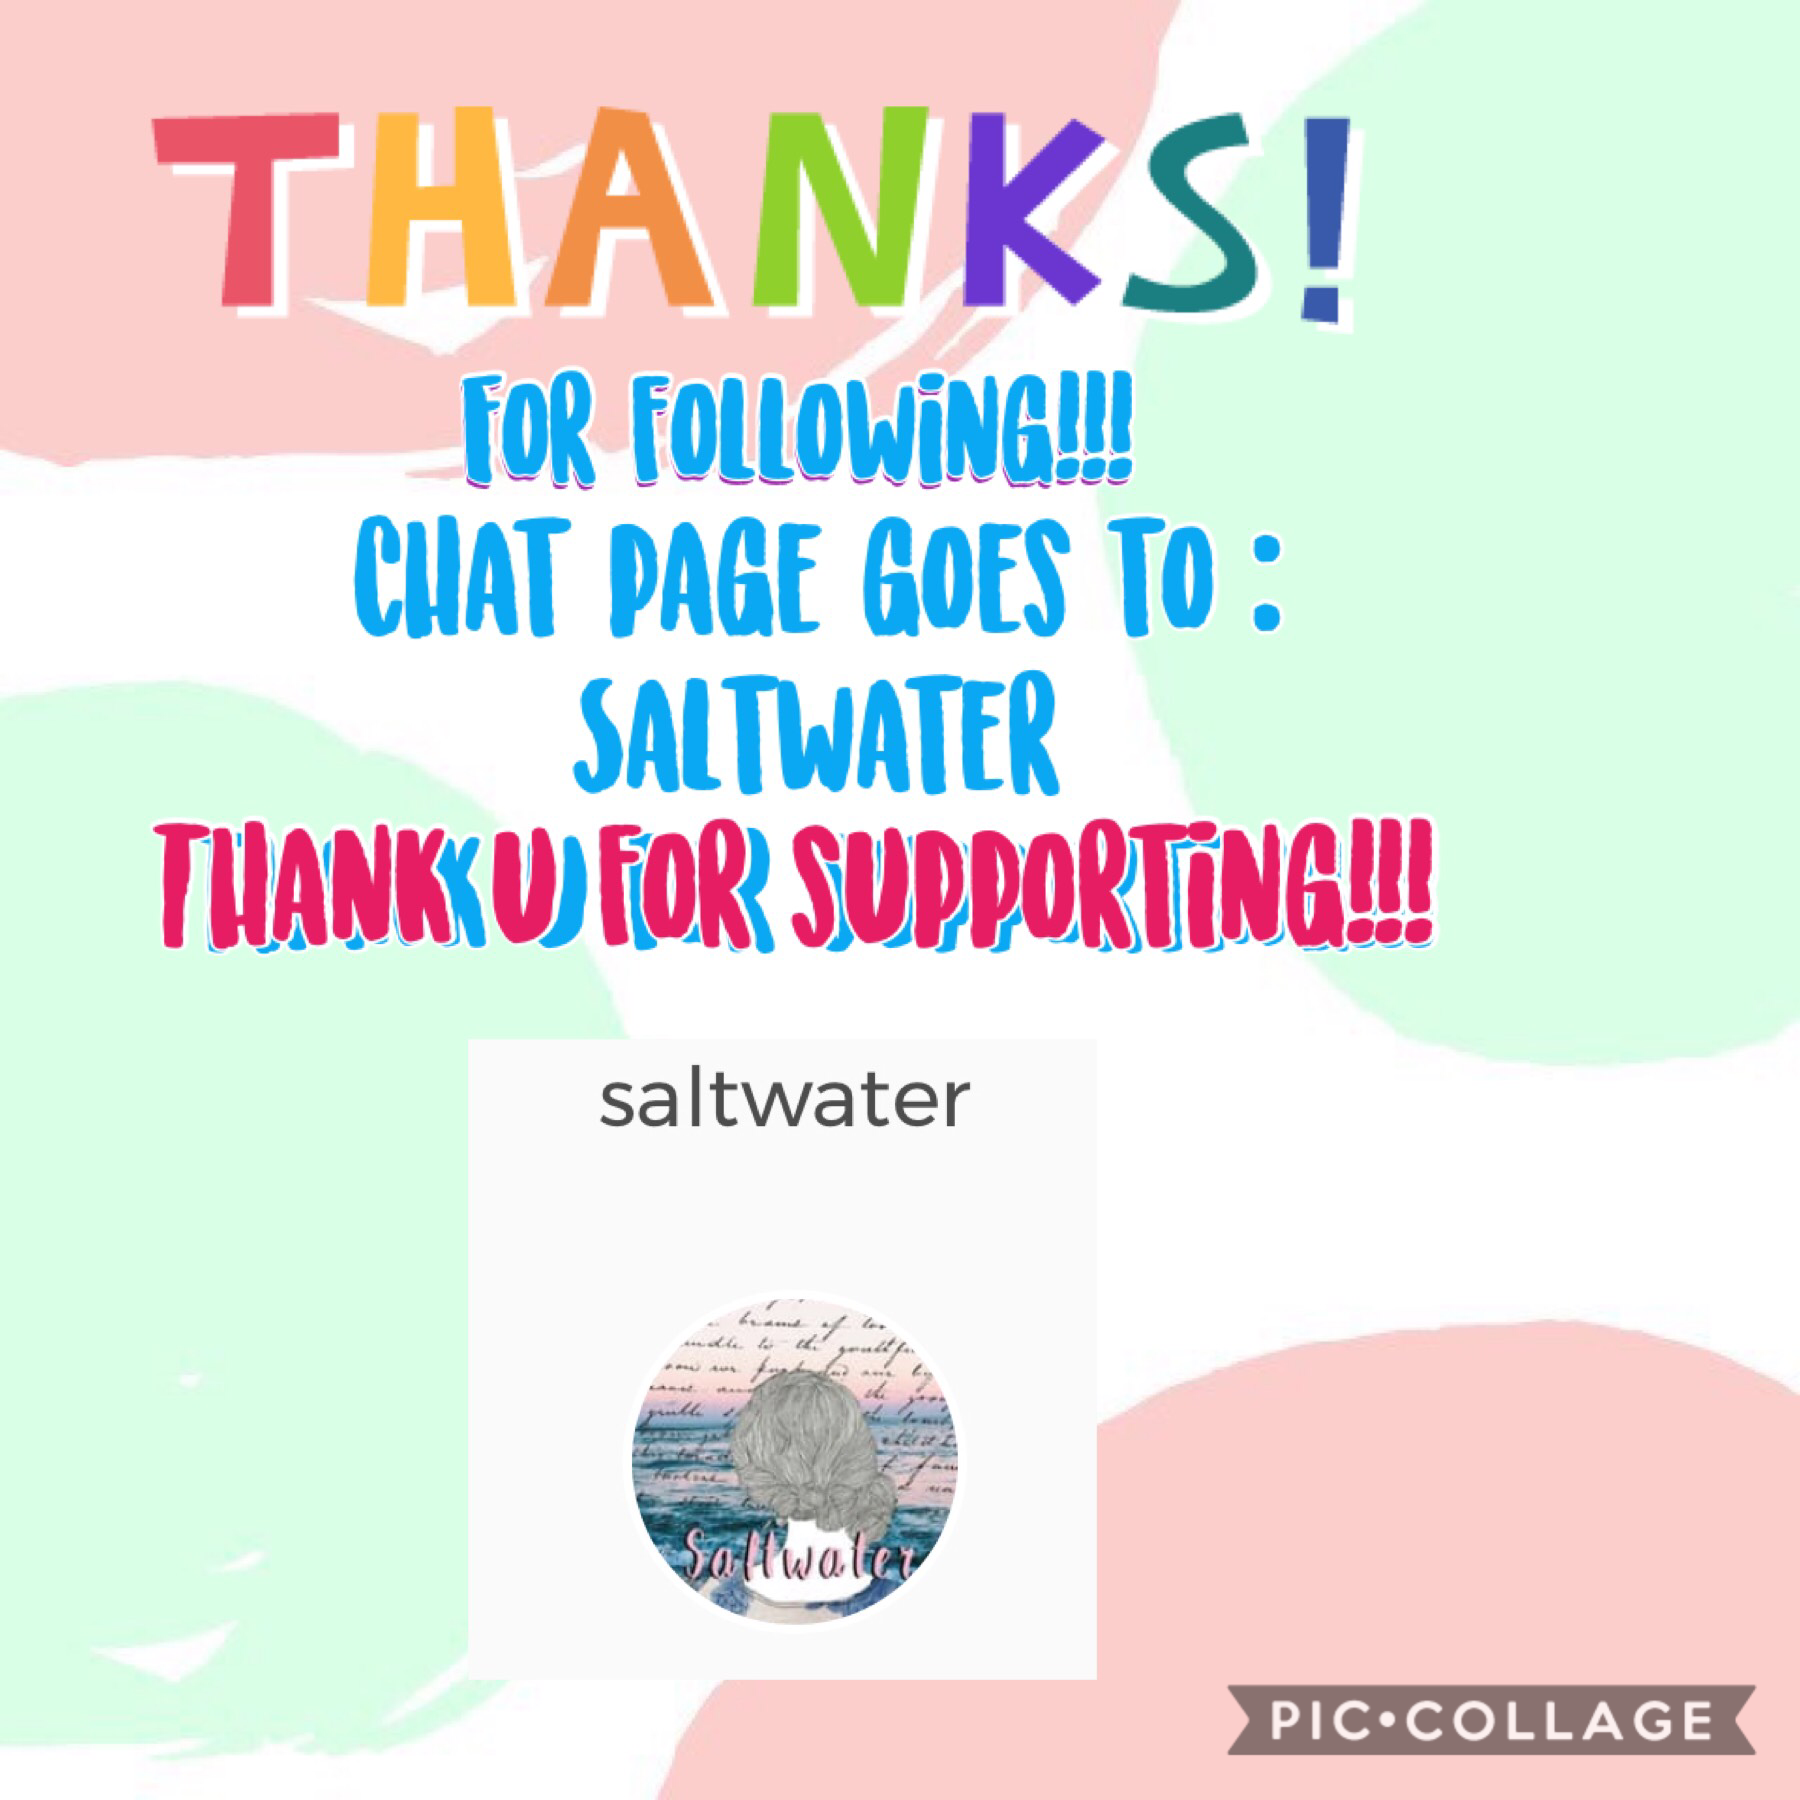 Thank u Saltwater!!!!!!!